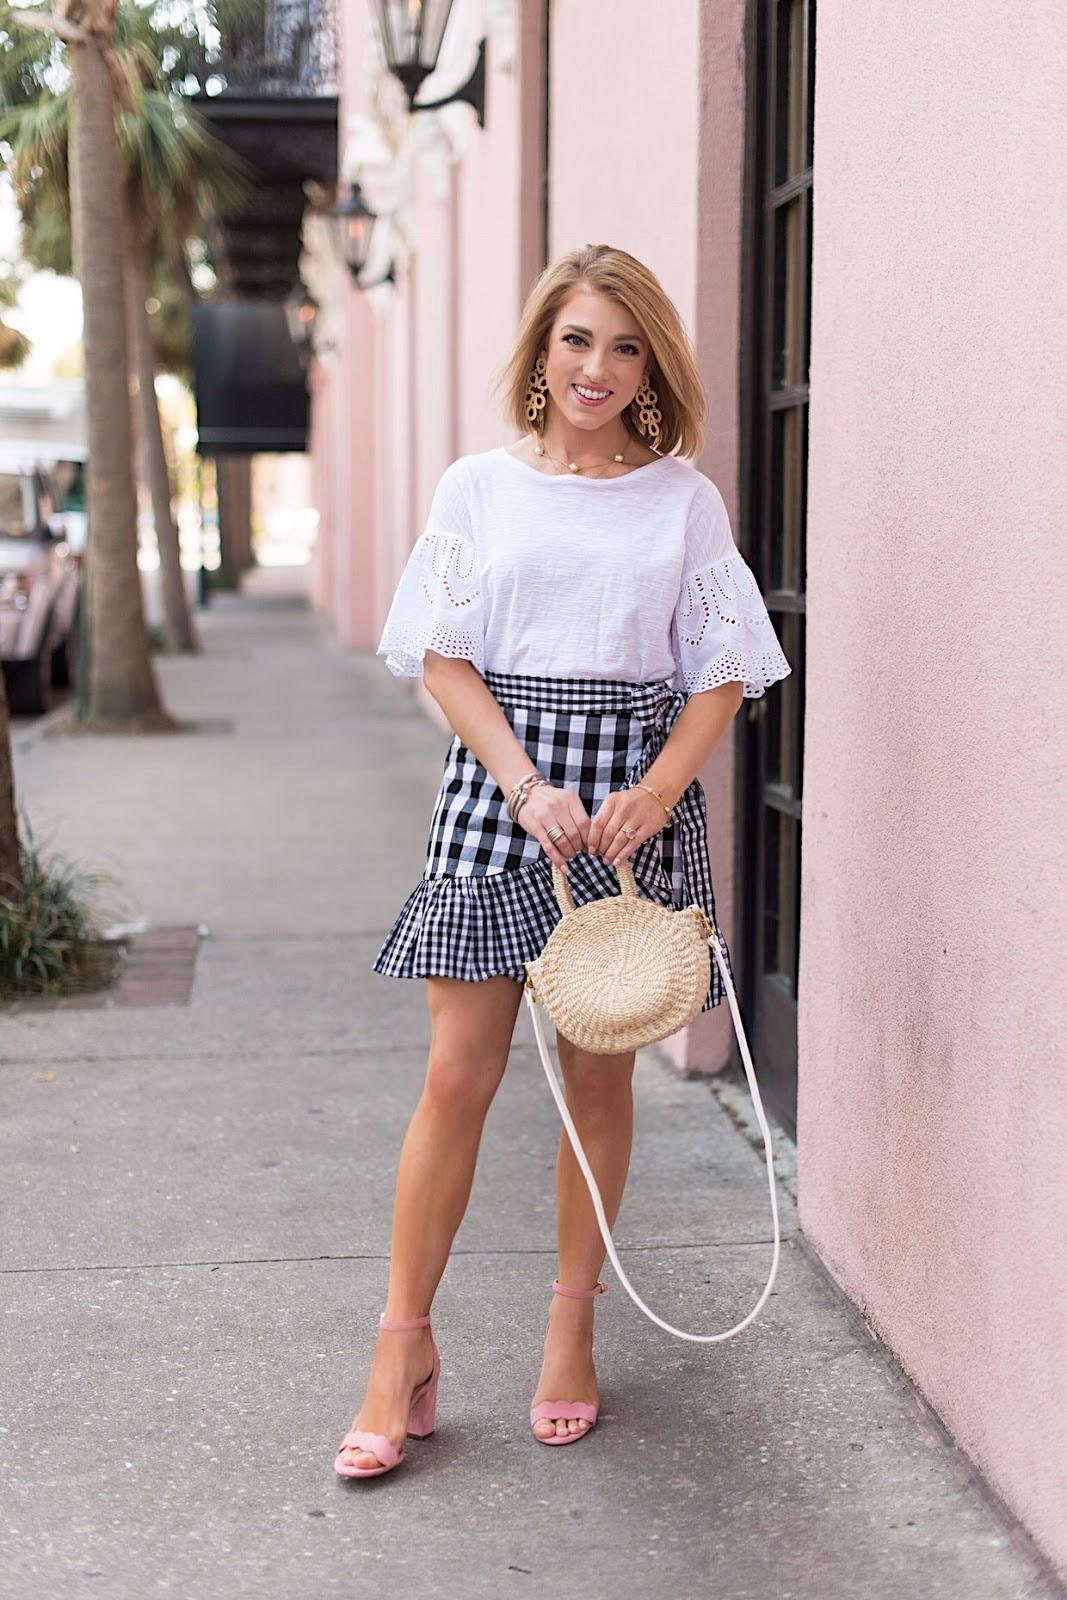 Gingham Wrap Skirt in Charleston, SC. - Something Delightful Blog